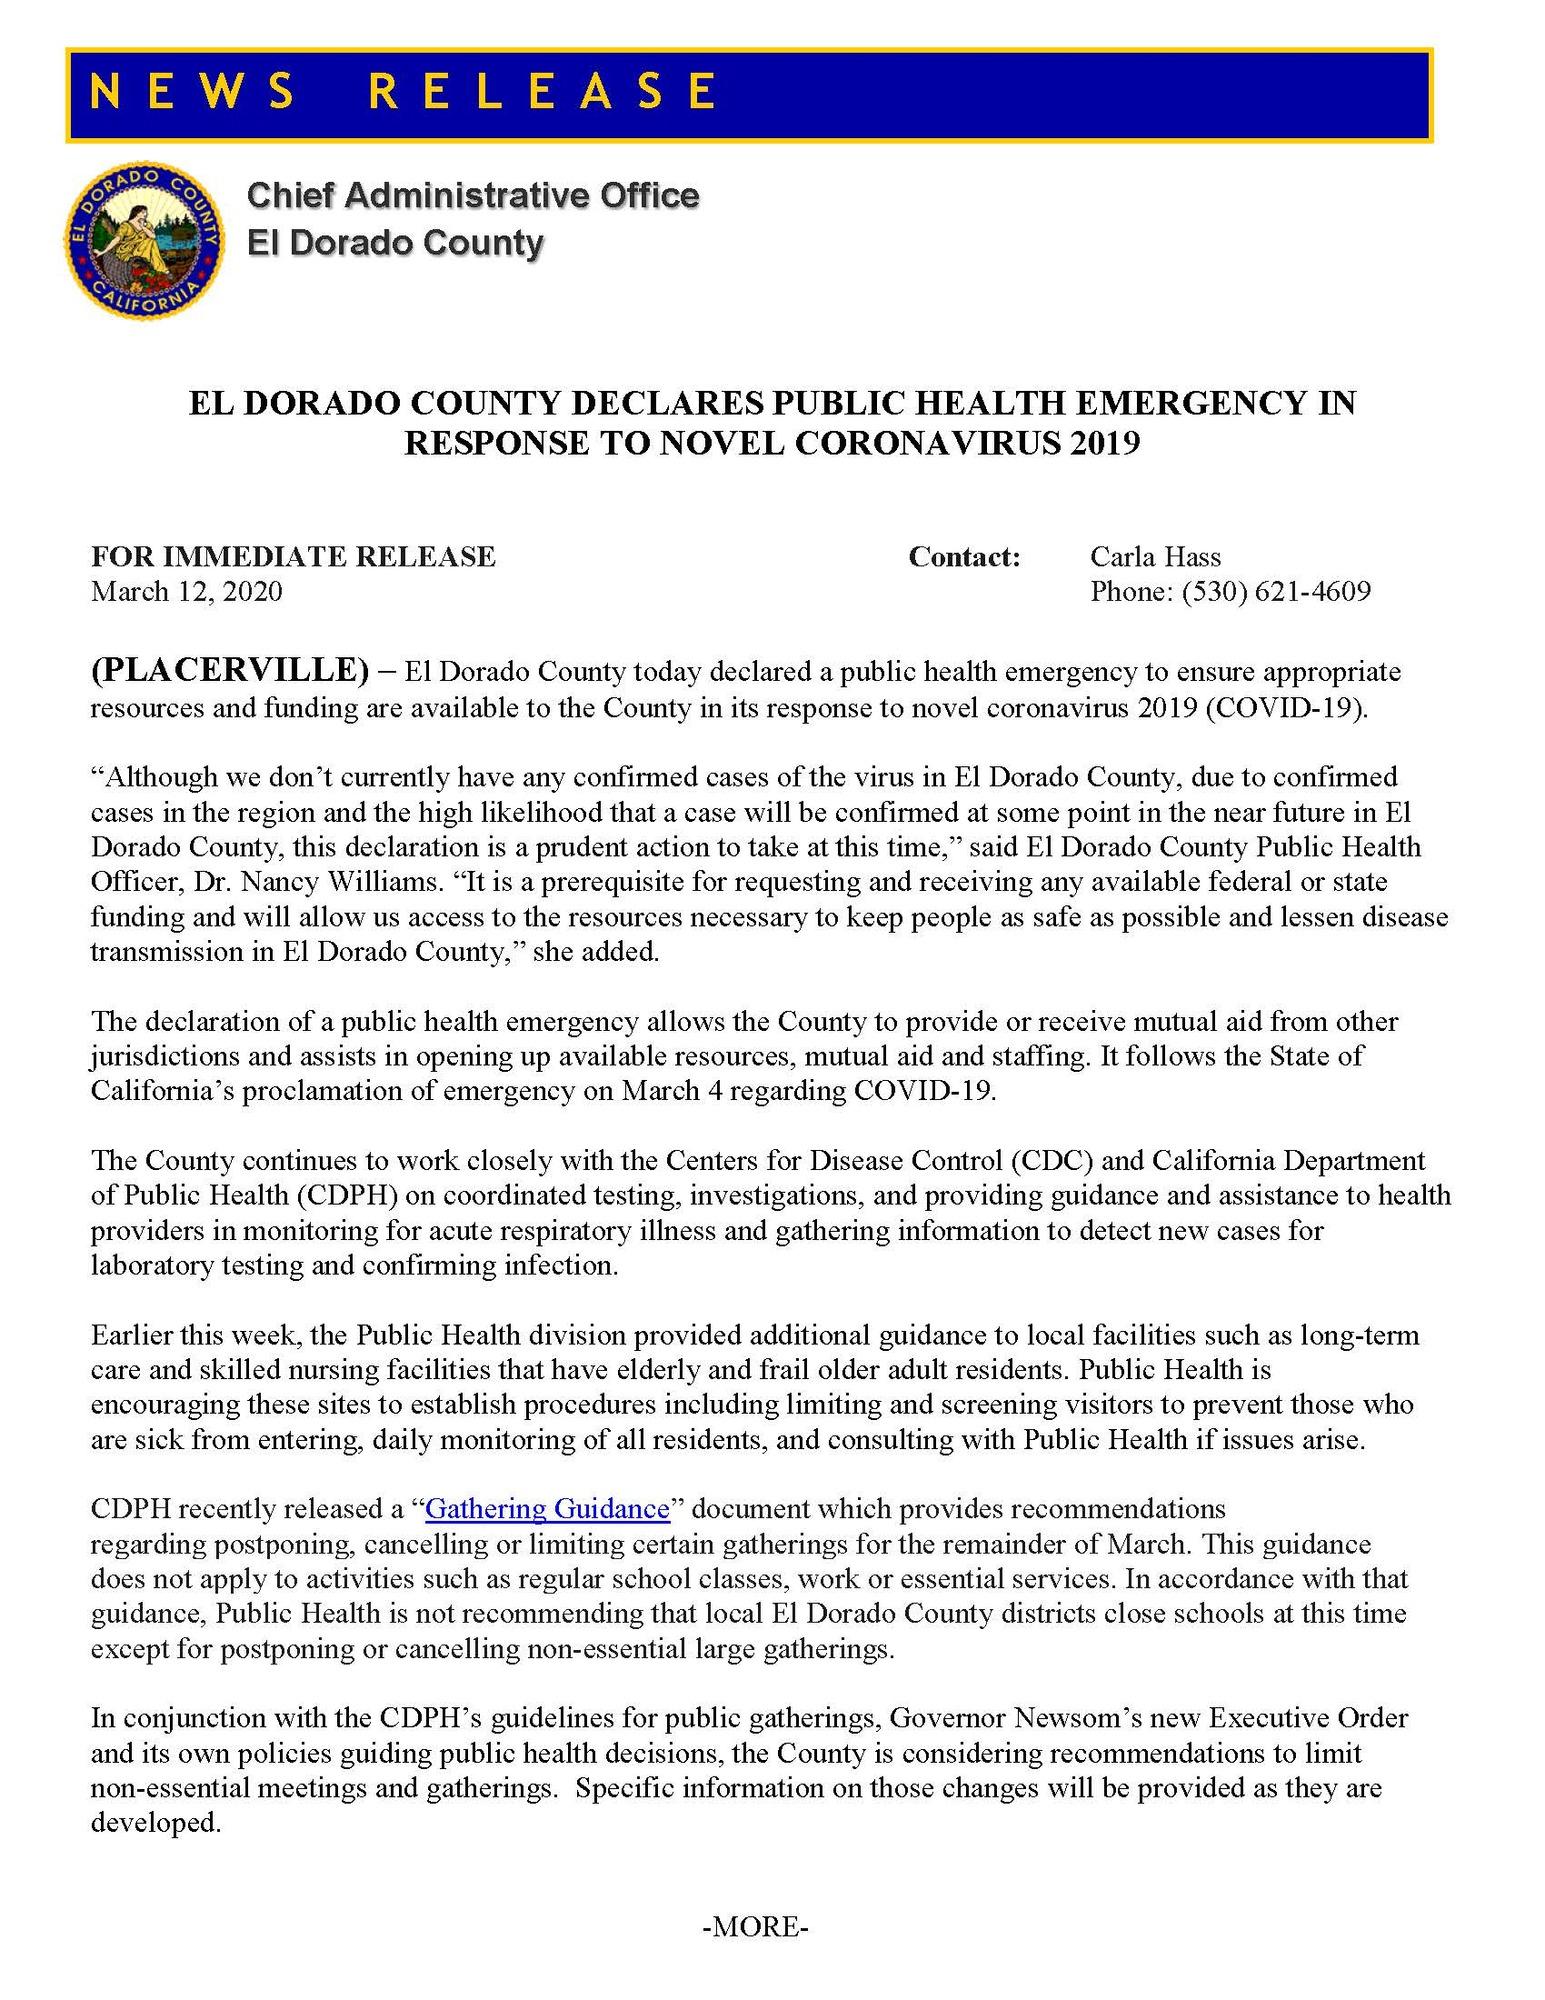 PR 20-6 COVID-19 Public Health Emergency Declaration_Page_1